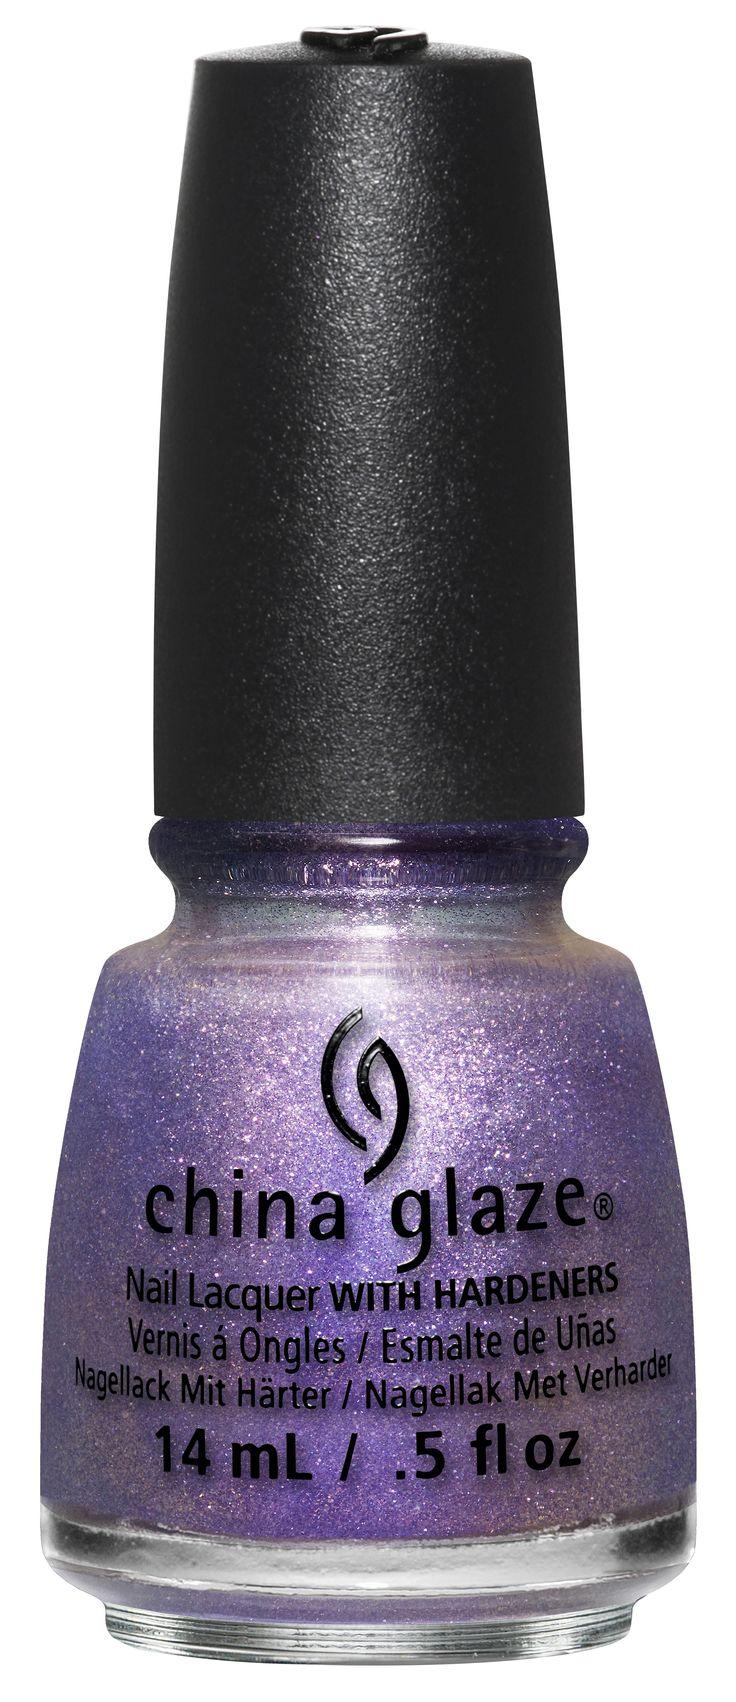 Nail Lacquer från China Glaze gör dina naglar precis så vackra som du drömt om! Ett par snyggt må...